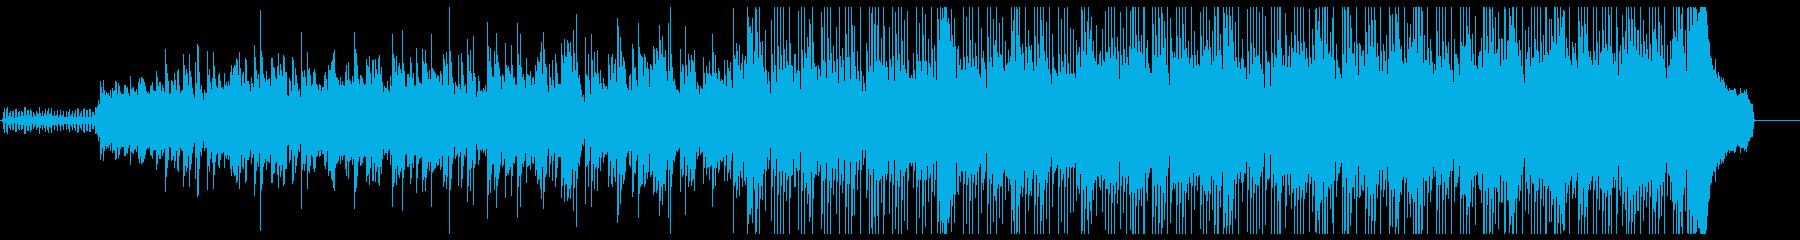 クラシックギターとピアノで切ない雰囲気をの再生済みの波形